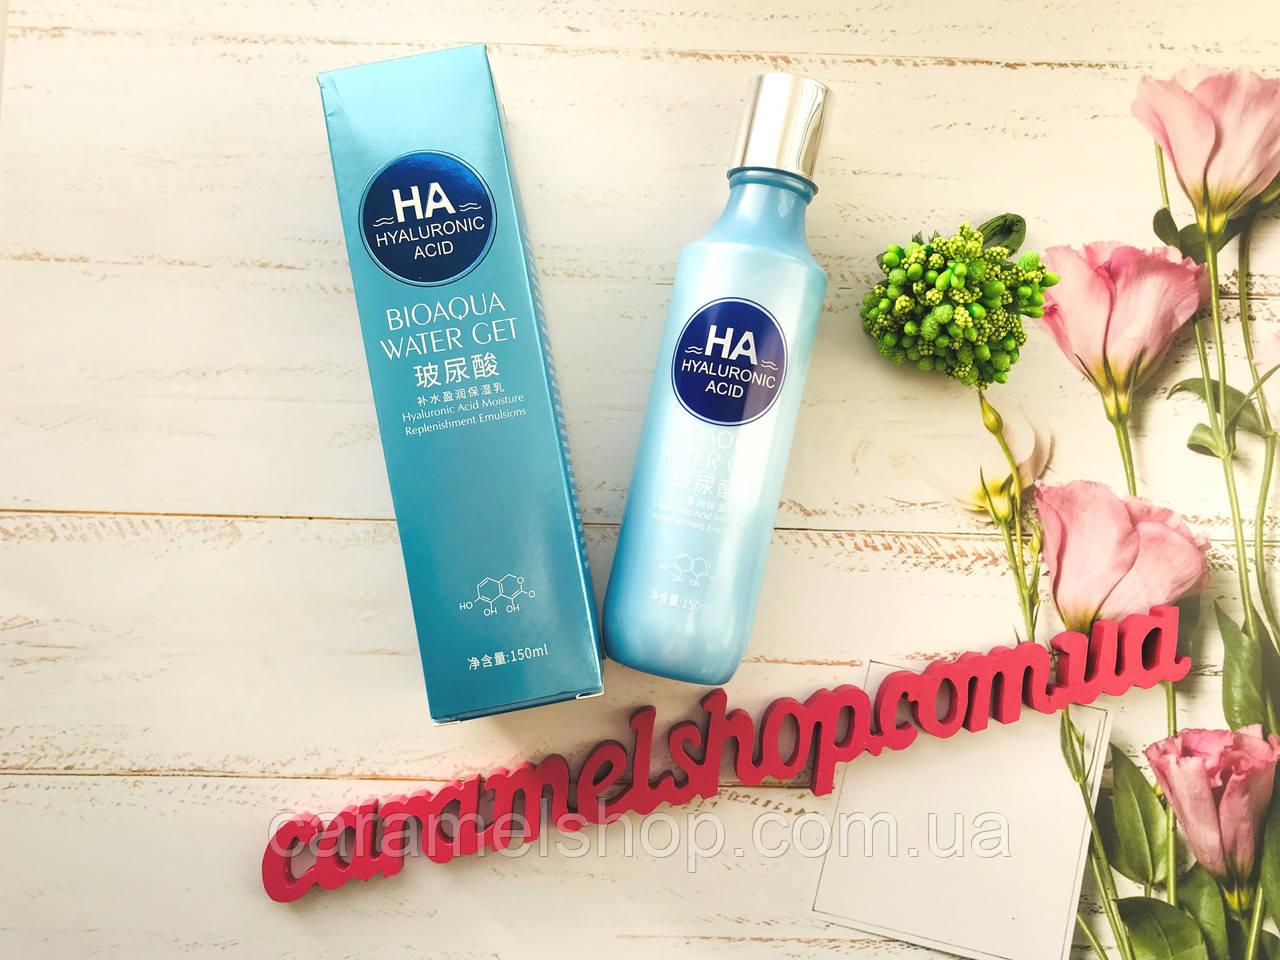 Сыворотка для лица с гиалуроновой кислотой Bioaqua Water Get Hyaluronic Acid Cream 150 мл